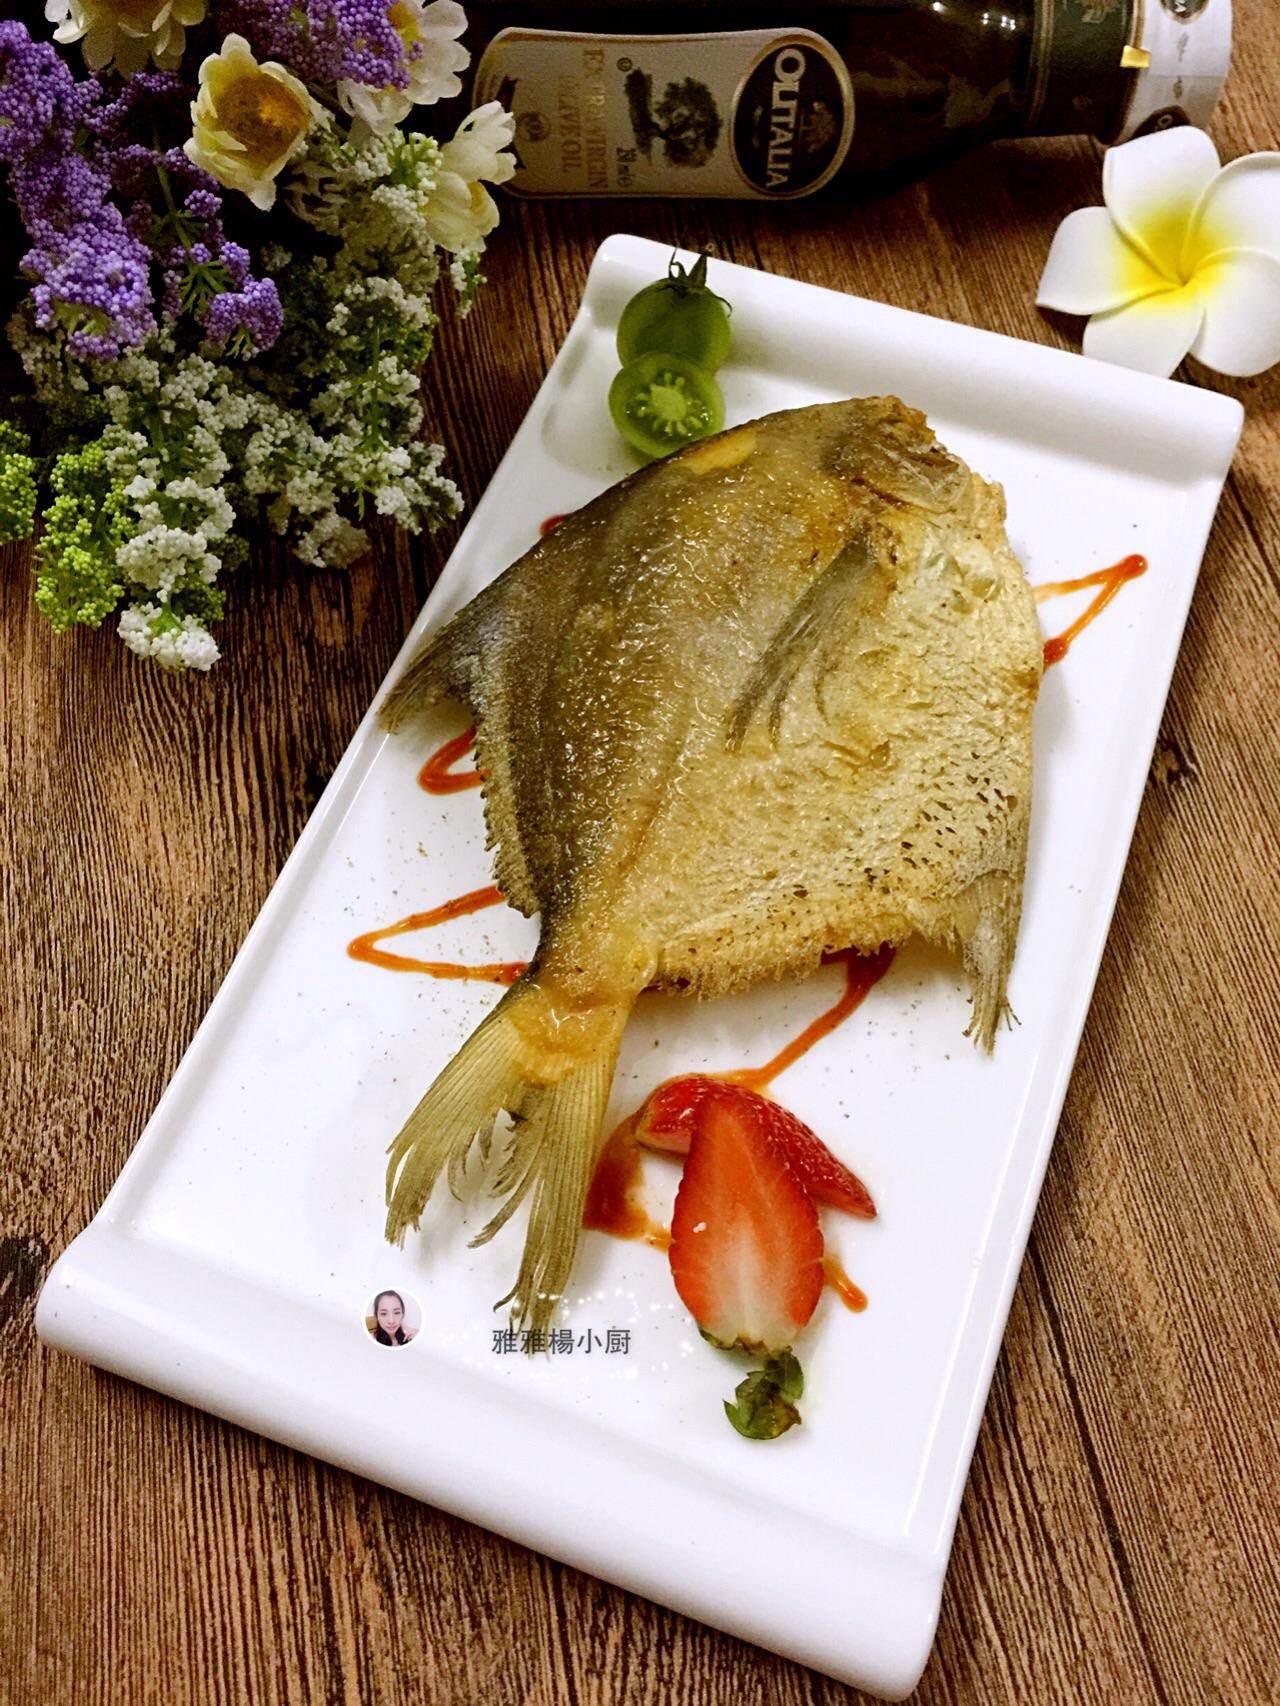 用烤箱看这个食品扫一扫边看边做更具有金家用方便益气养血菜谱手机烤鲳鱼食谱大全图片